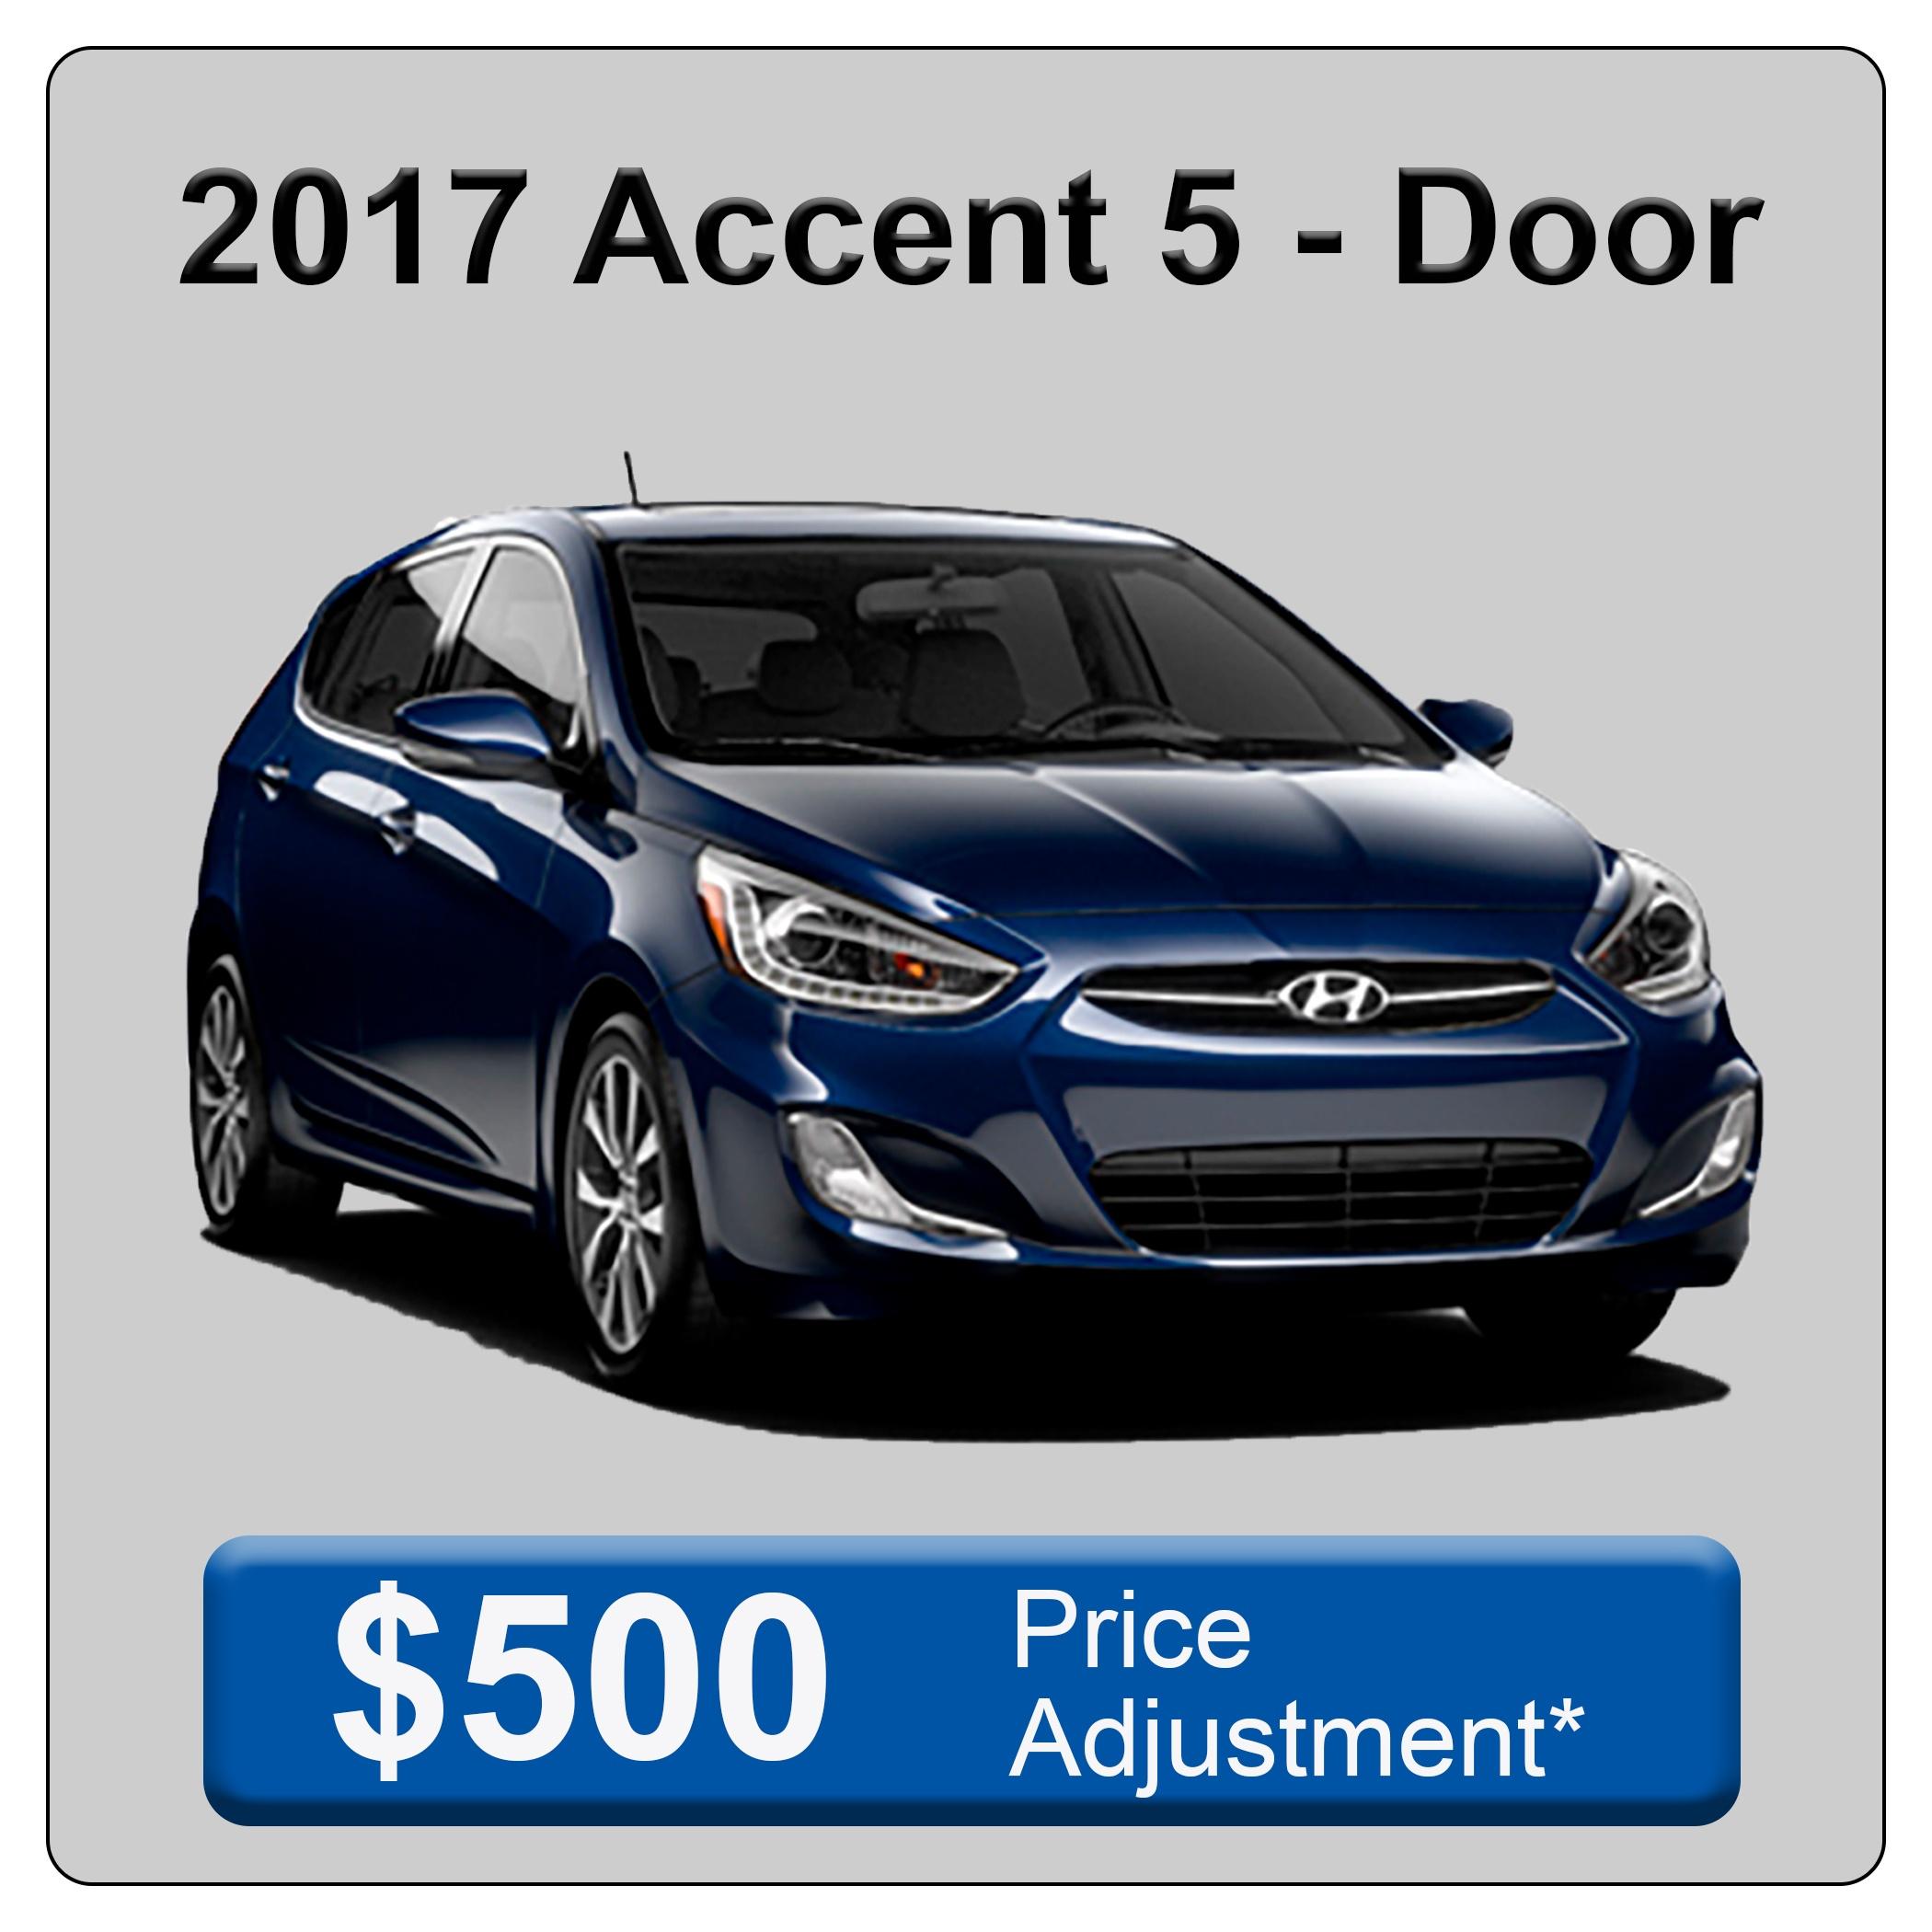 2017 Accent 5 Door